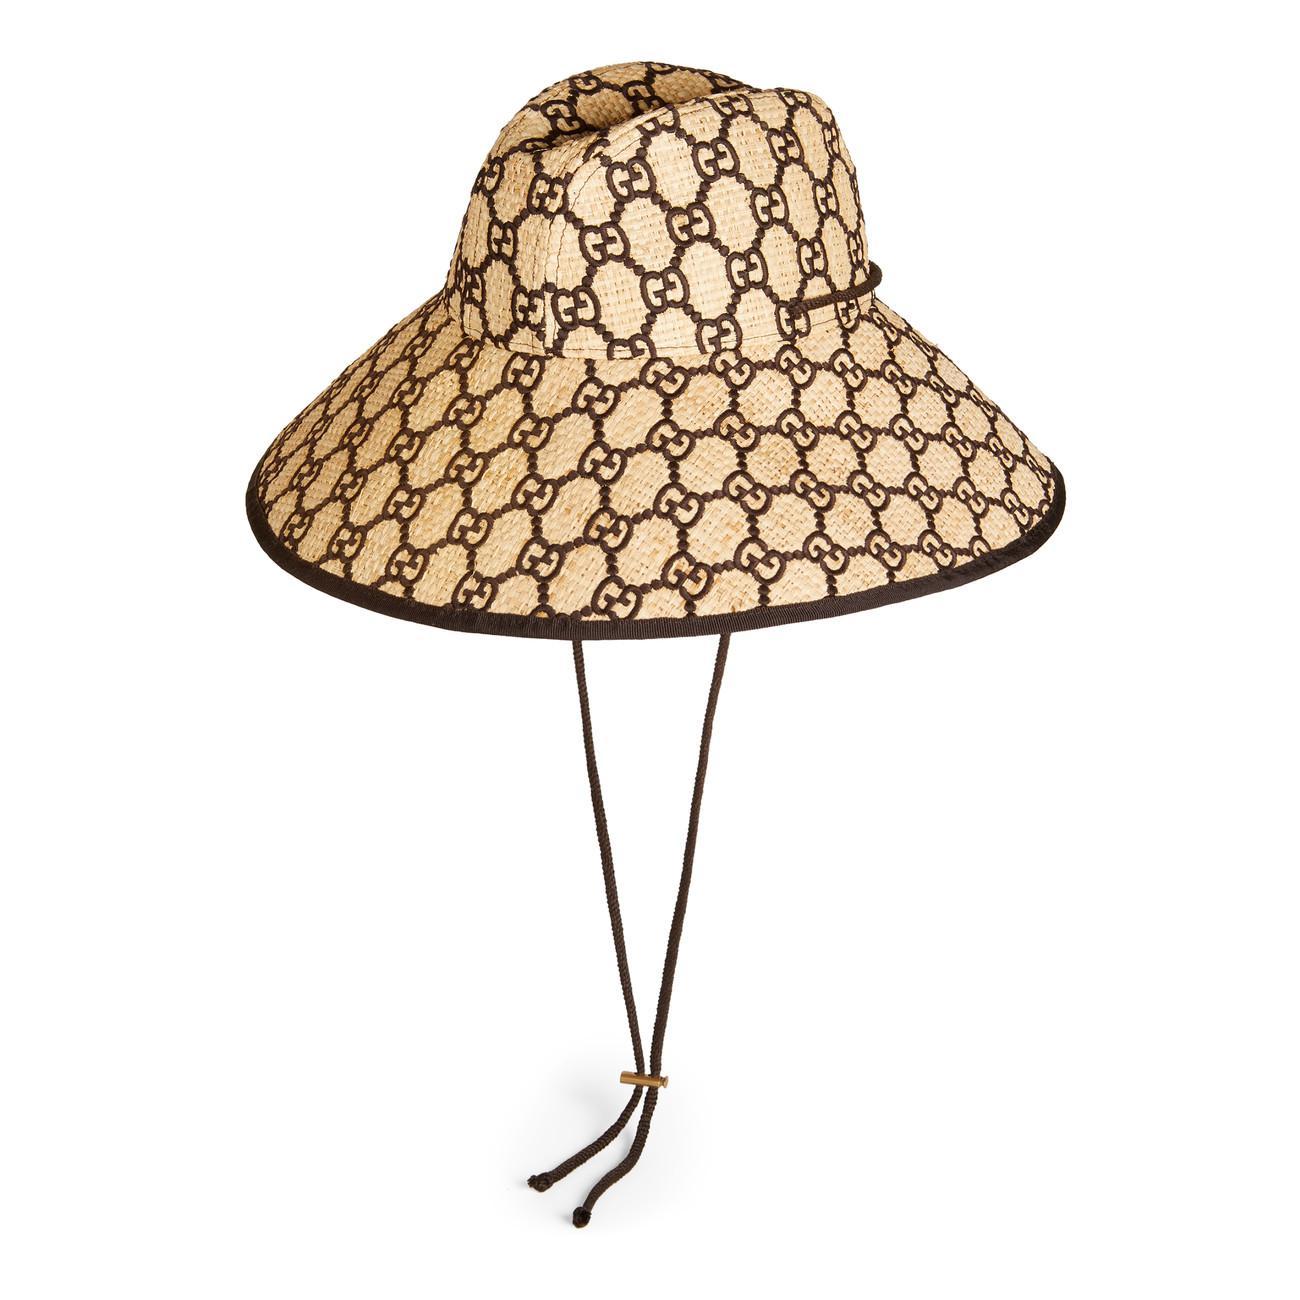 ad5c00f3e0e Lyst - Gucci GG Raffia Wide Brim Hat in Brown - Save 48%